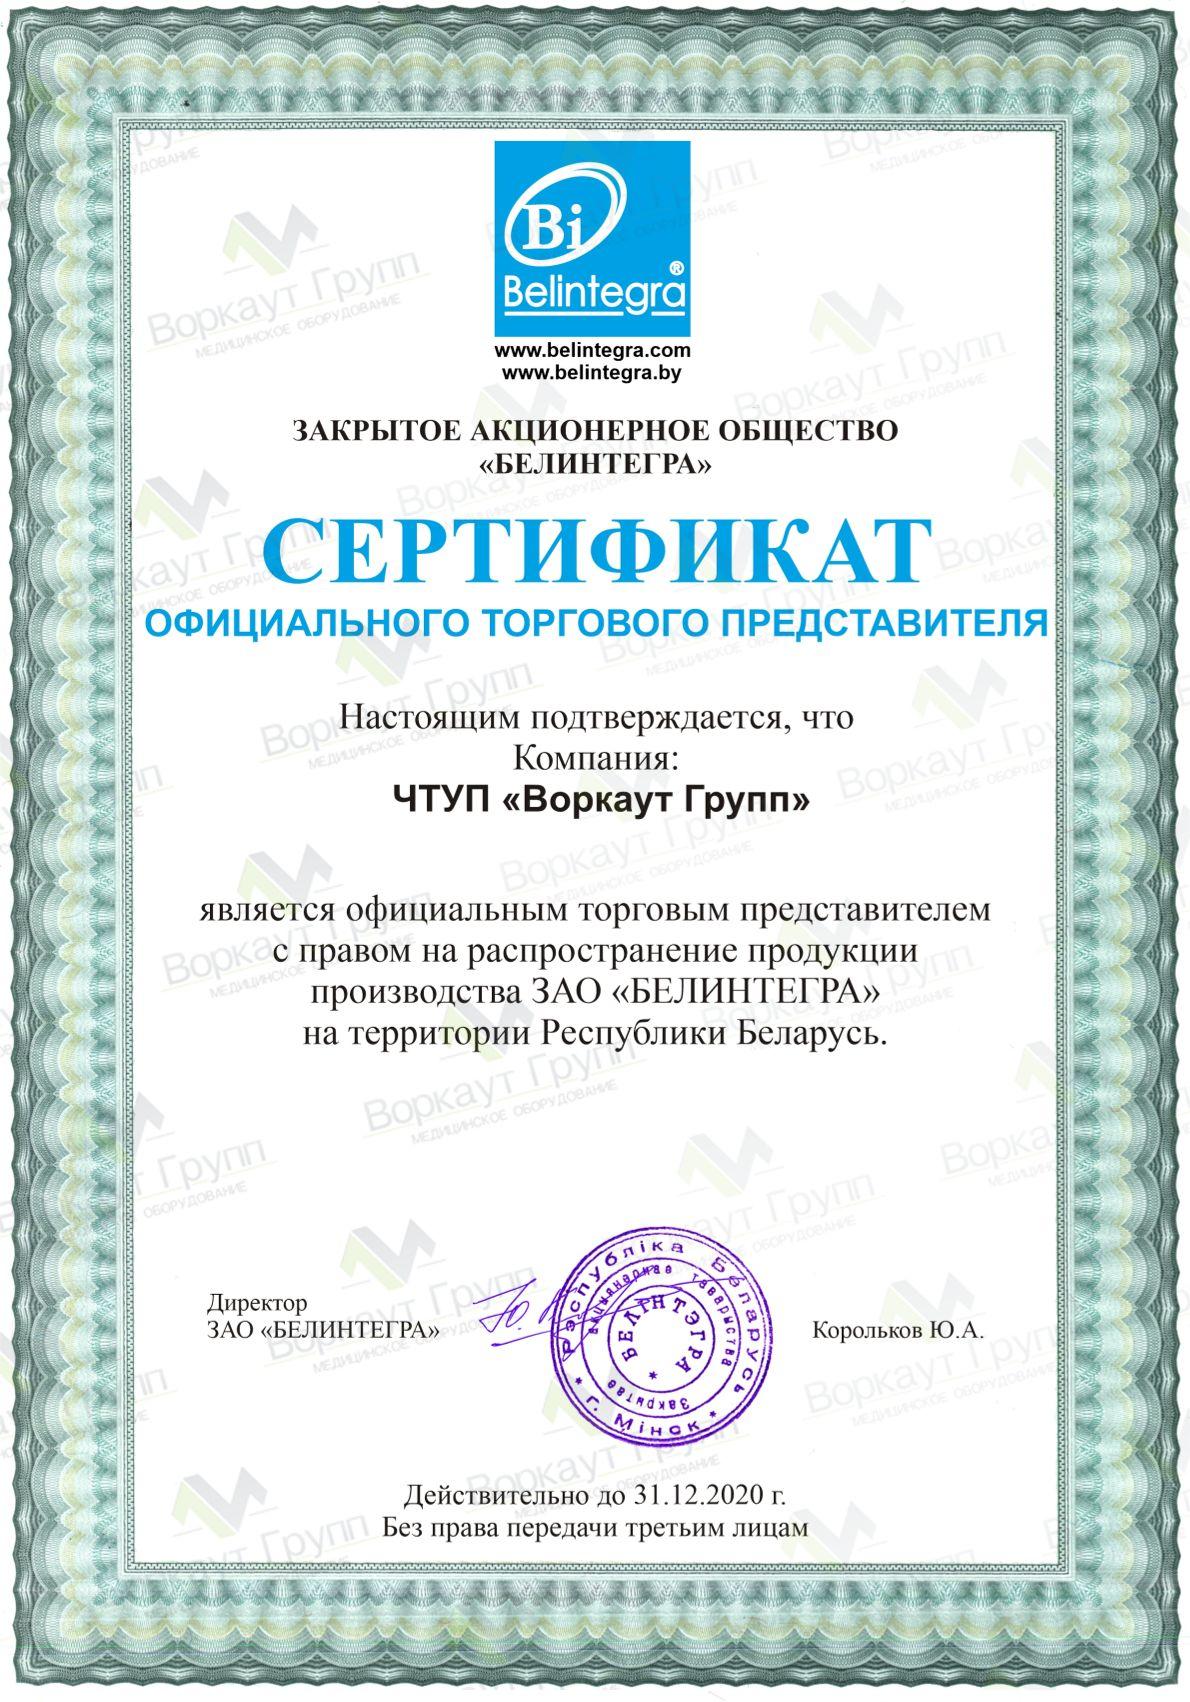 Белинтегра официальное разрешение для Воркаут Групп